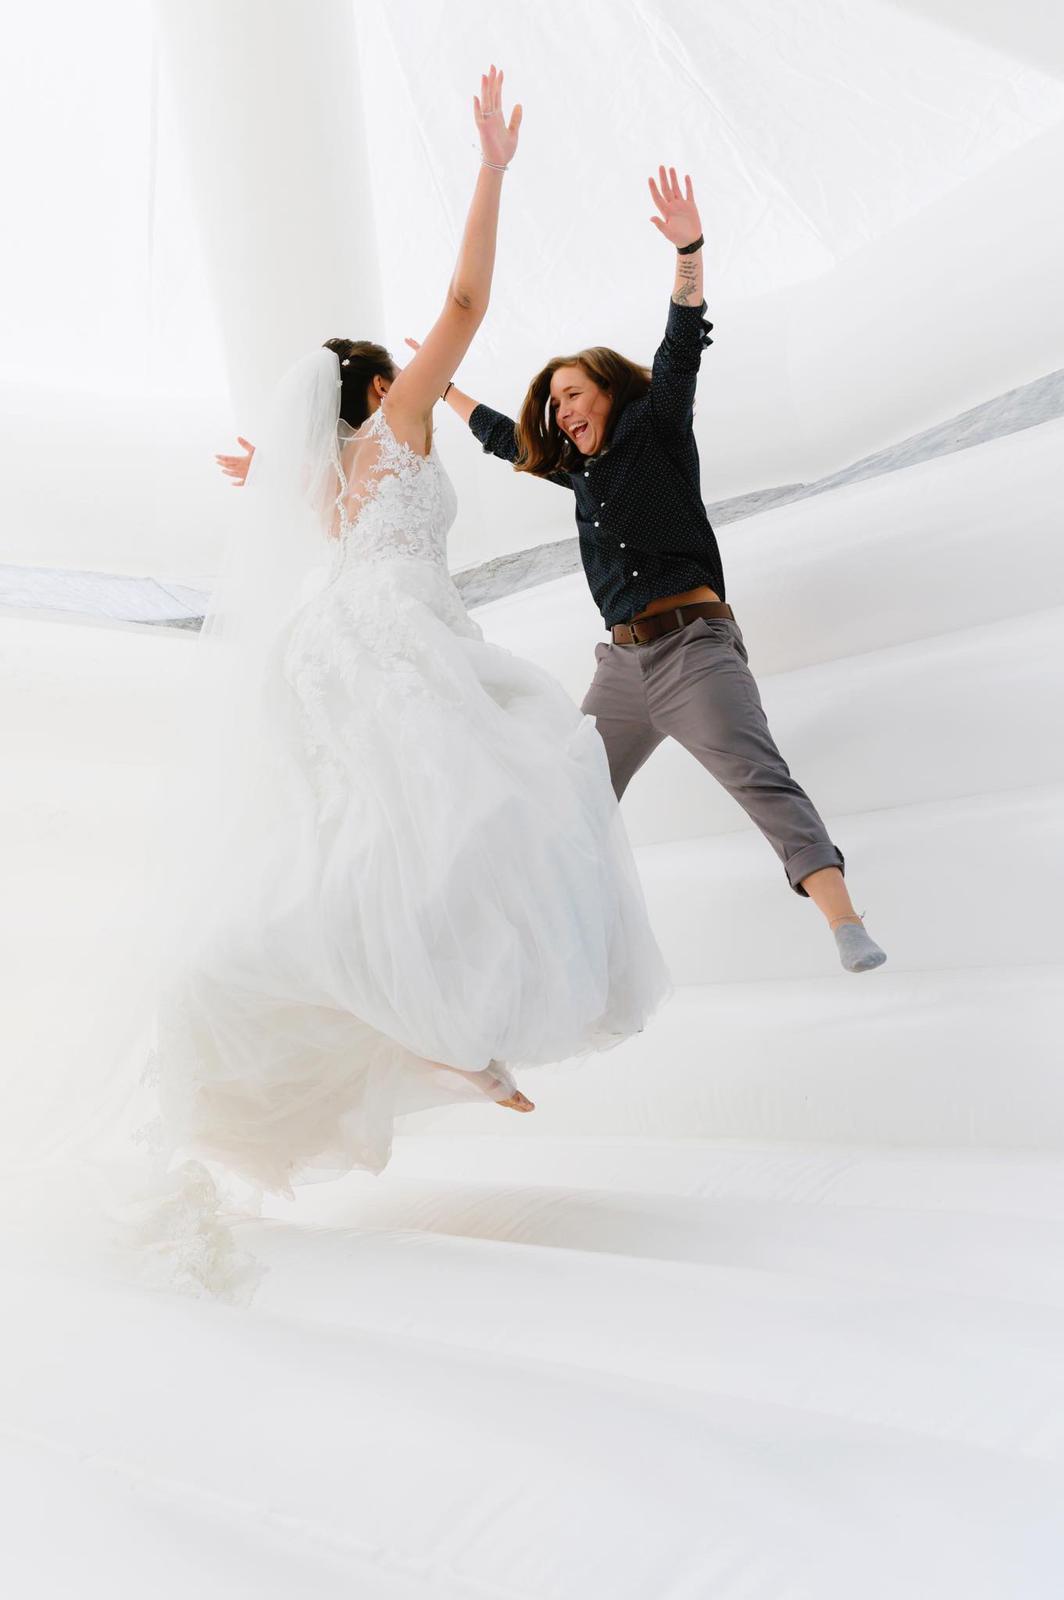 Funjoker-Hochzeitshüpfburg mieten